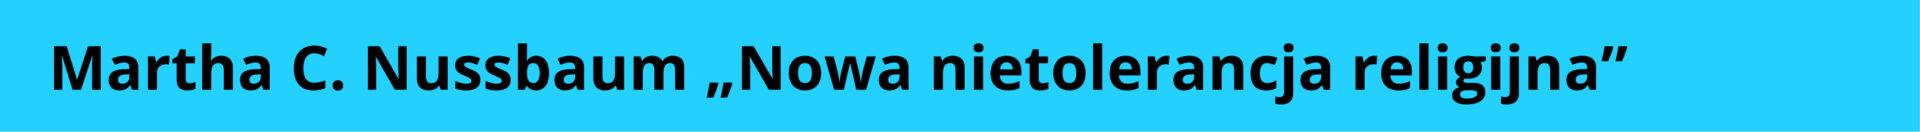 winieta_Nussbaum_Nowa_nietolerancja